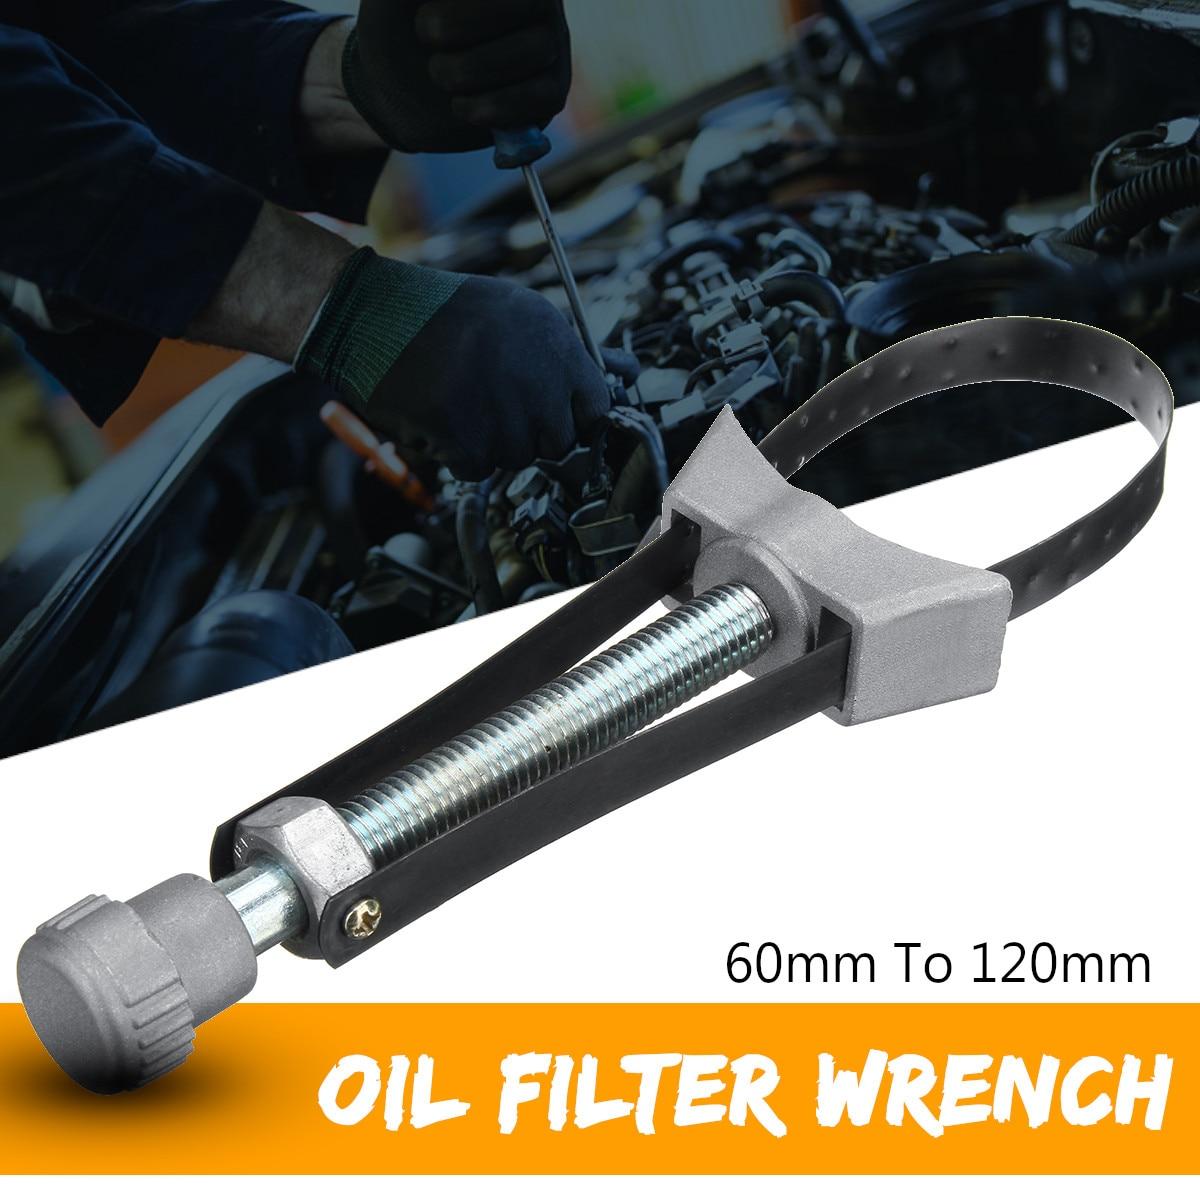 Drillpro 1 unid PC Auto filtro de aceite herramienta de eliminación de la correa de la llave de diámetro ajustable de 60mm a 120mm de alta calidad